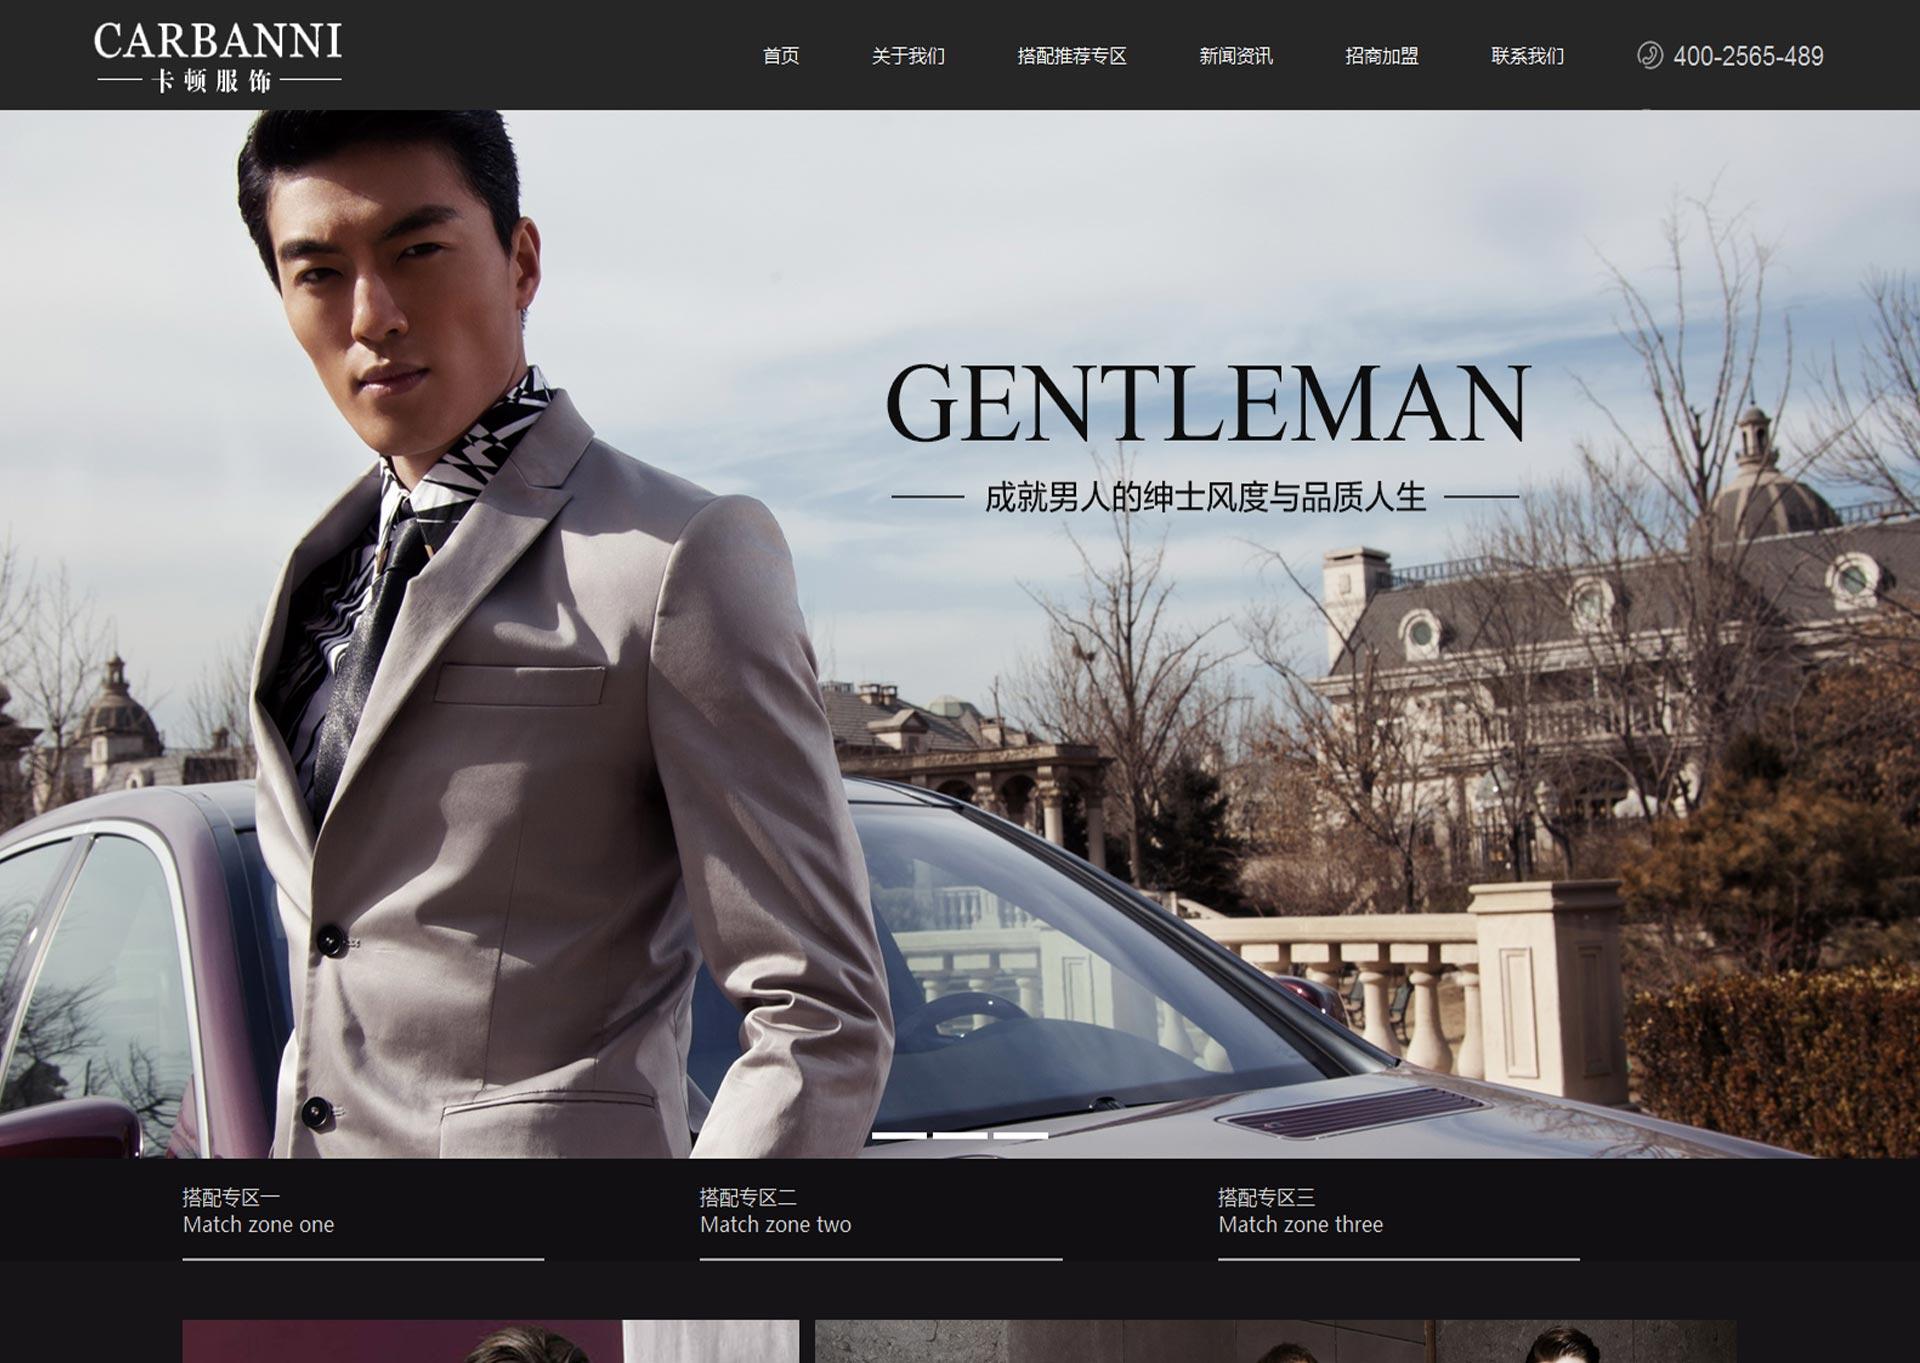 服装品牌手机WAP网站设计方案